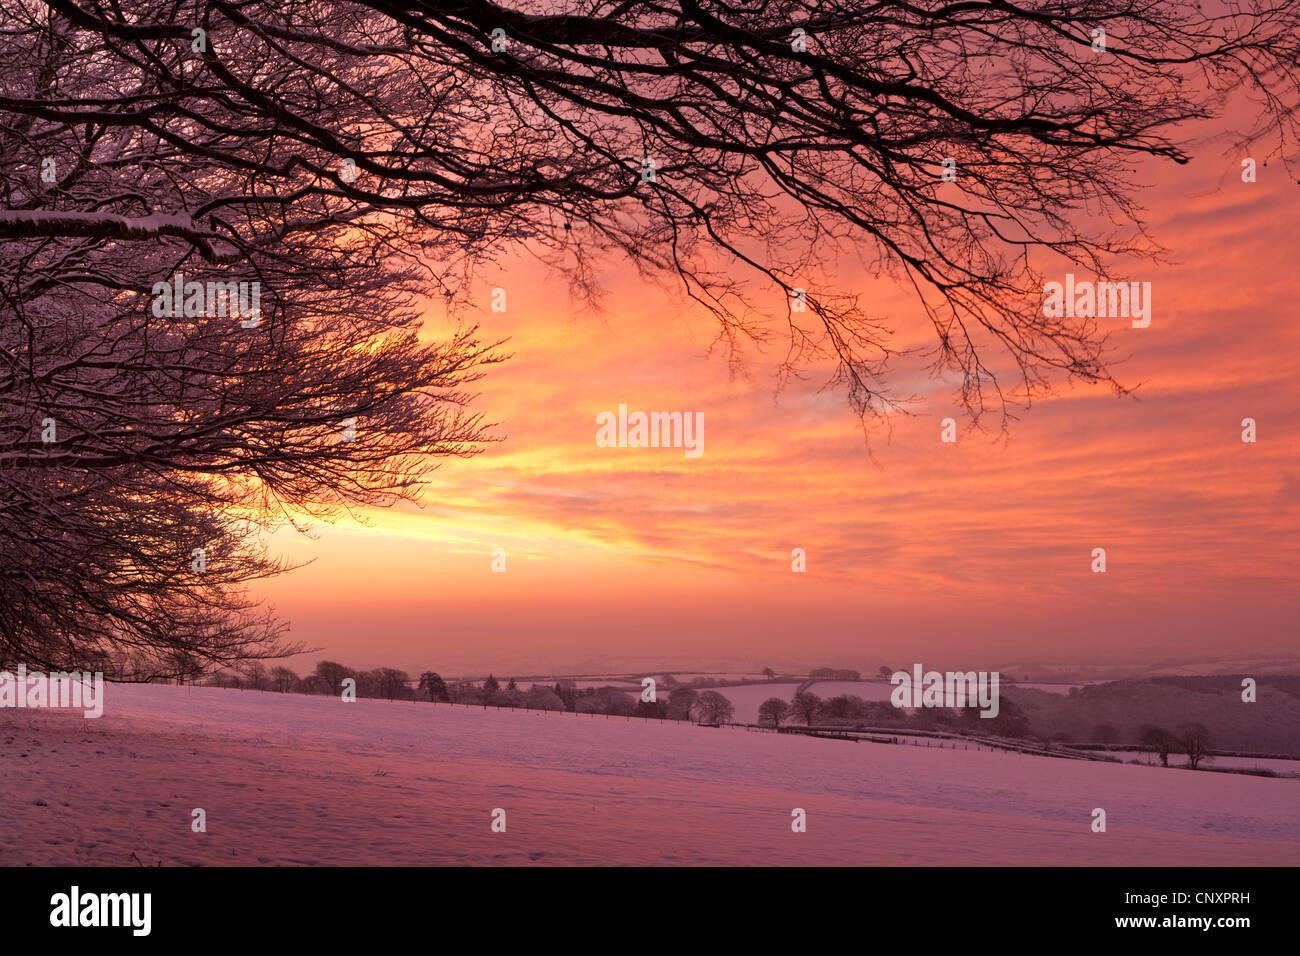 Spektakulären Sonnenaufgang Himmel über Schnee bedeckt Landschaft, Exmoor, Somerset, England. Winter (Januar) Stockbild